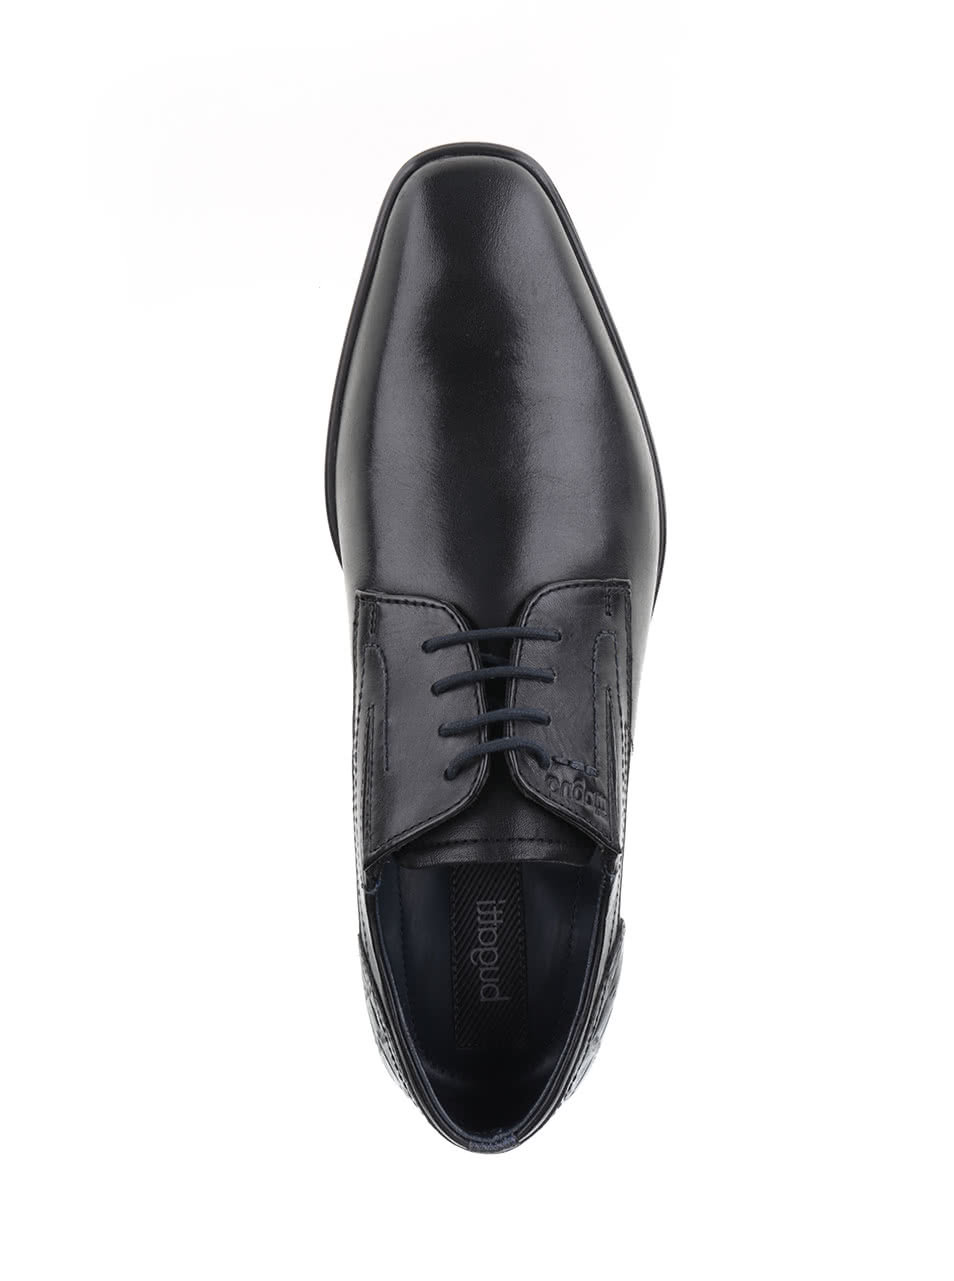 91ec9feac0bd Čierne pánske kožené topánky bugatti Lunas ...